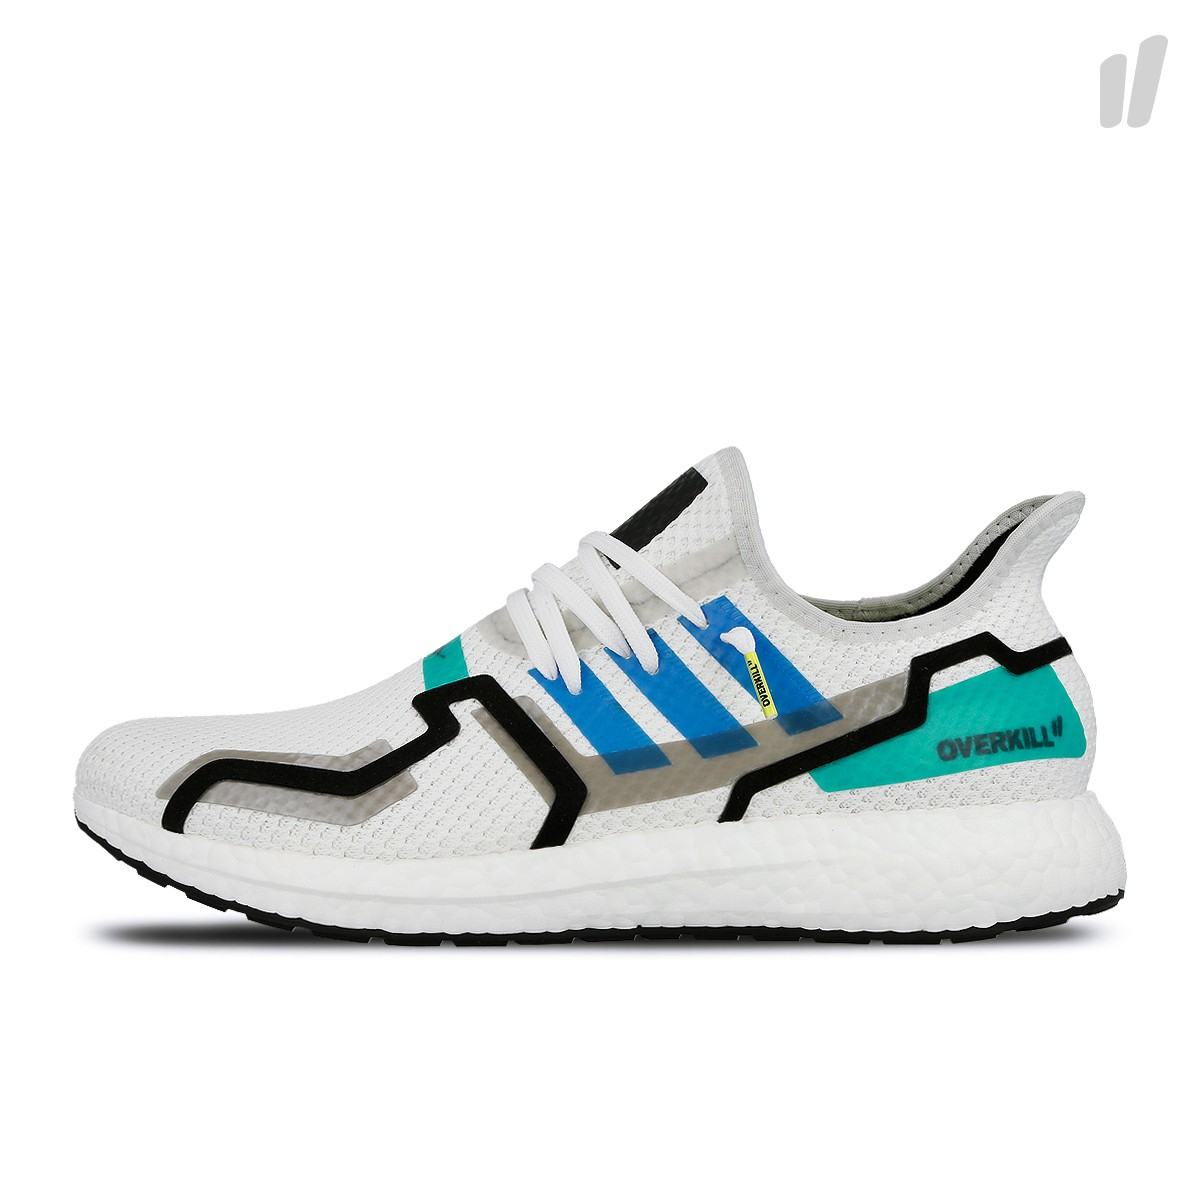 Adidas Wmns Originals x Rita Ora Superstar GS Overkill Berlin S80289 Women´sKids´ Adidas Sportswear Shoes Official Adidas Shoes Prix 2019 France